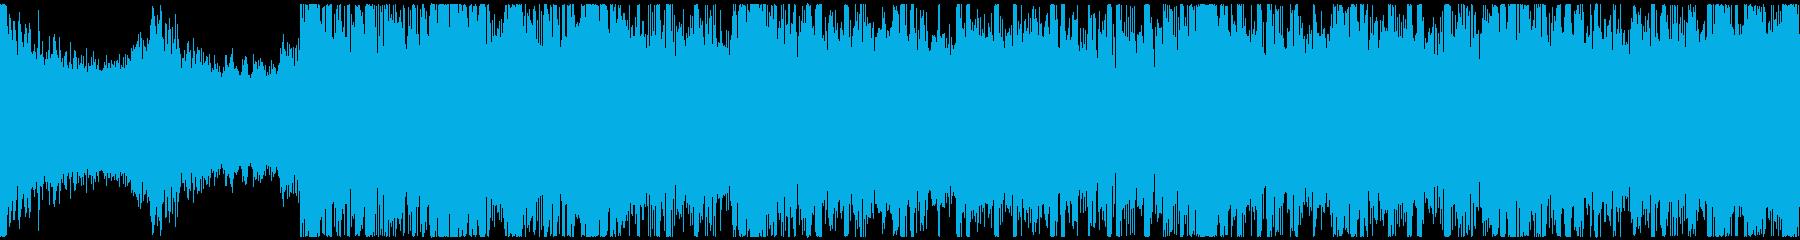 【ループ対応s】怒り・混沌 ヘビーメタルの再生済みの波形